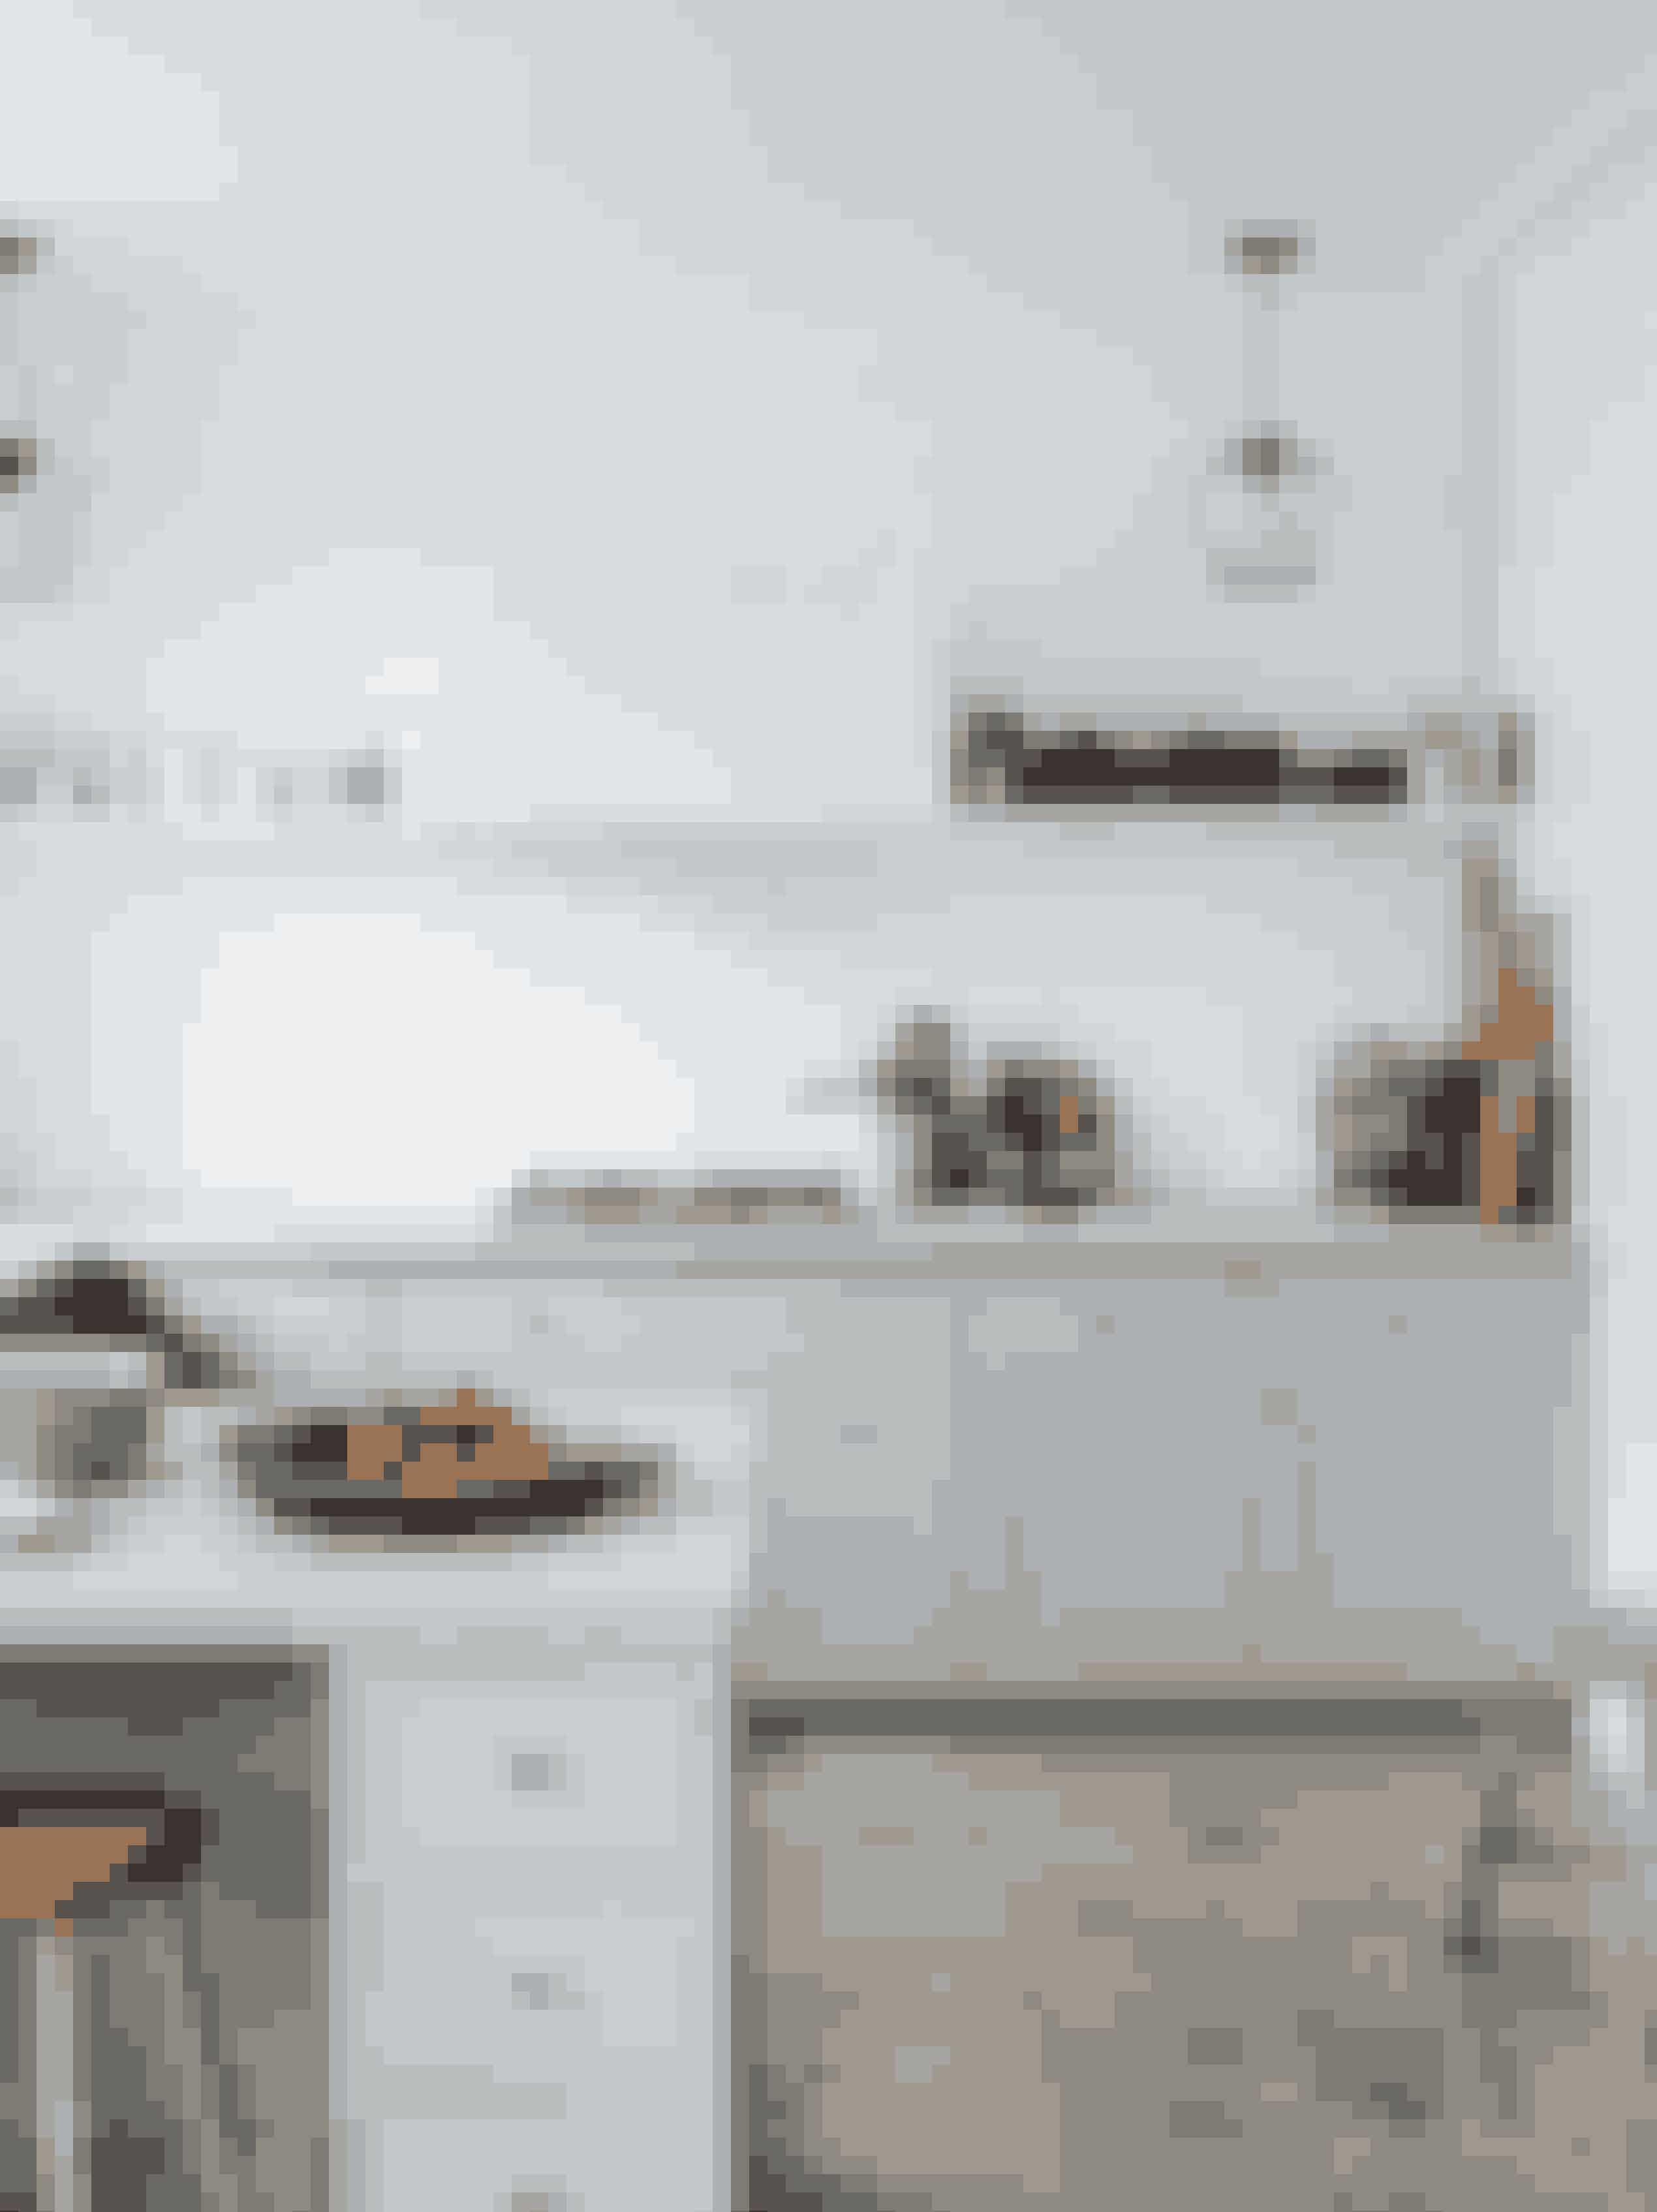 Køkkenet er lavet i samarbejde med møbelsnedker Albert Daubjerg. Porcelænet er fra Royal Copenhagen, de sorte skåle og tekanden er fra Kähler, og lamperne er fra &Tradition. Taburetterne er fundet hos henholdsvis Rosmosegaard og Trævarefabrikken. Marmorfadet til frugt og grønt er fra Studio Oliver Gustav.